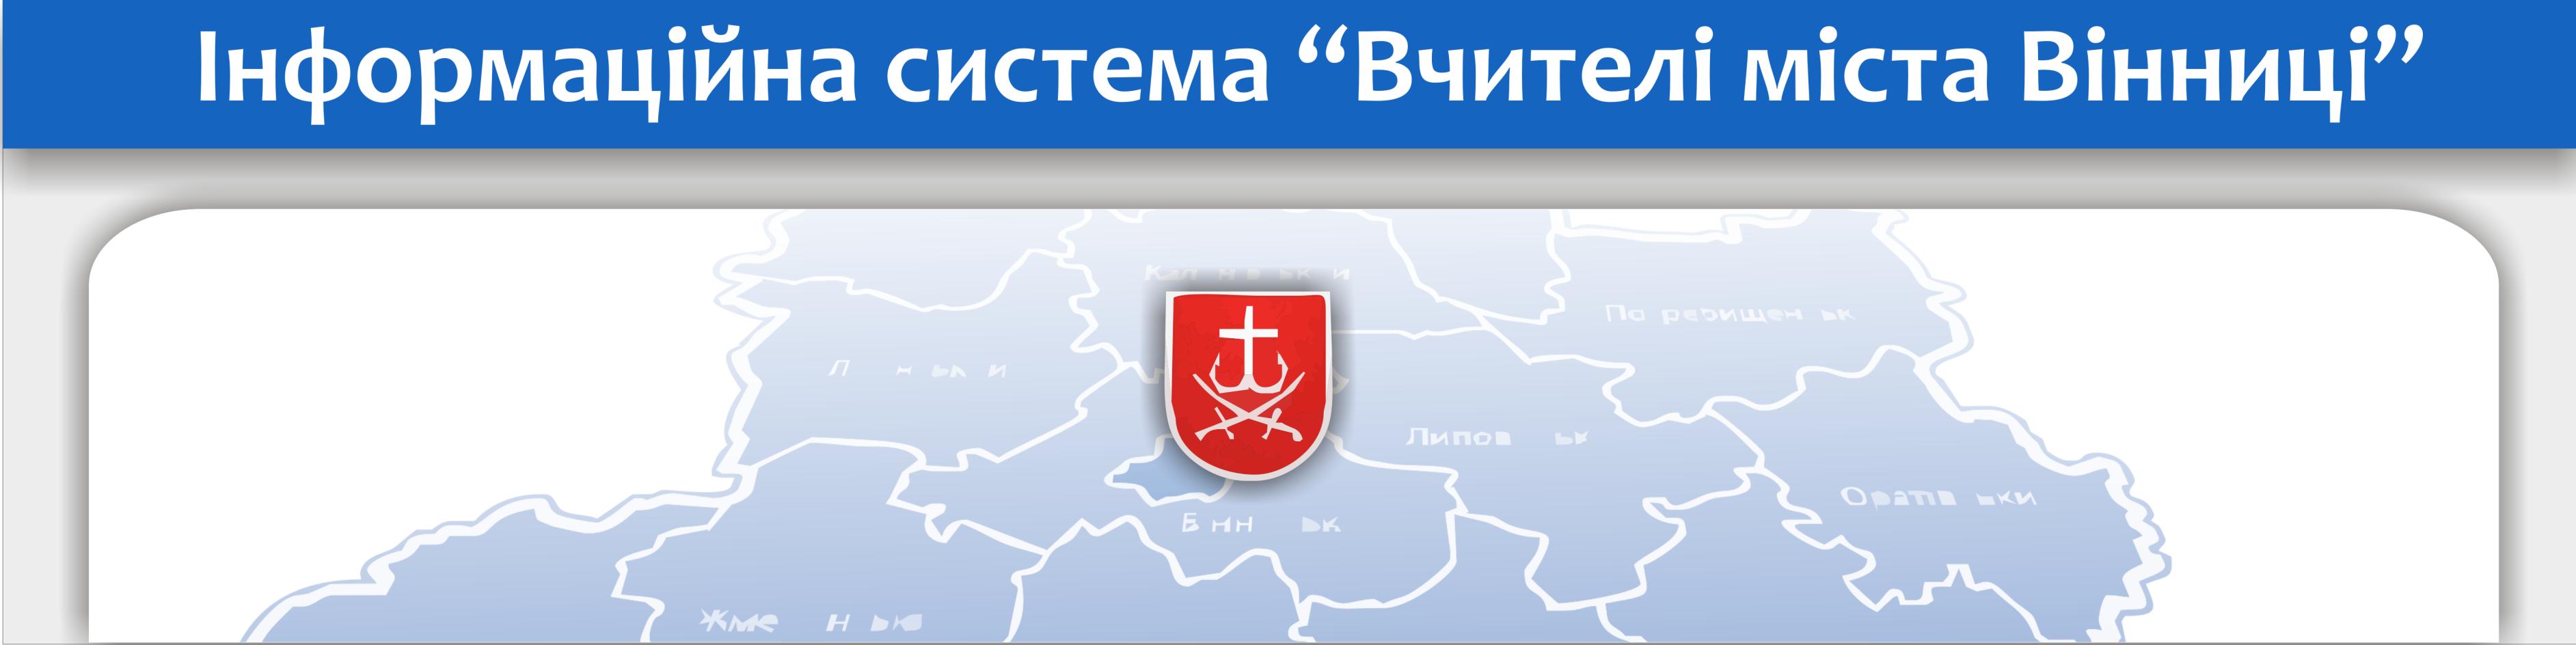 Інформаційна система Вчителі міста Вінниці